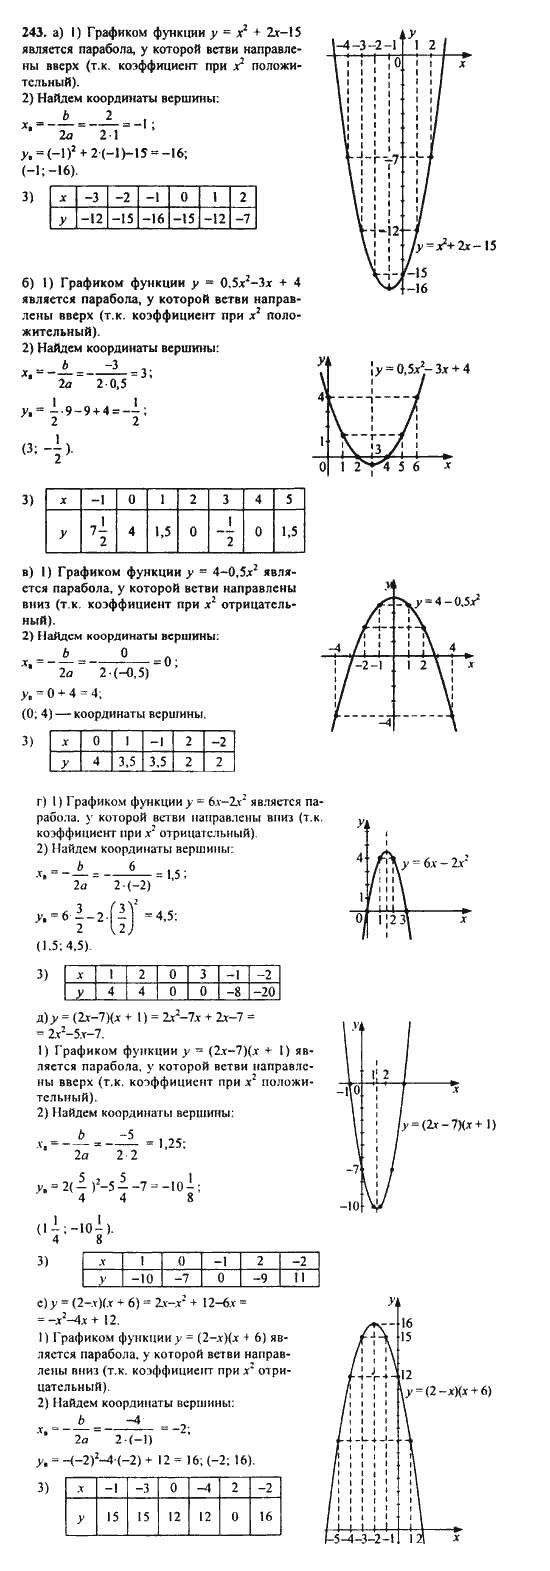 алгебре 9 издательство гдз по класса